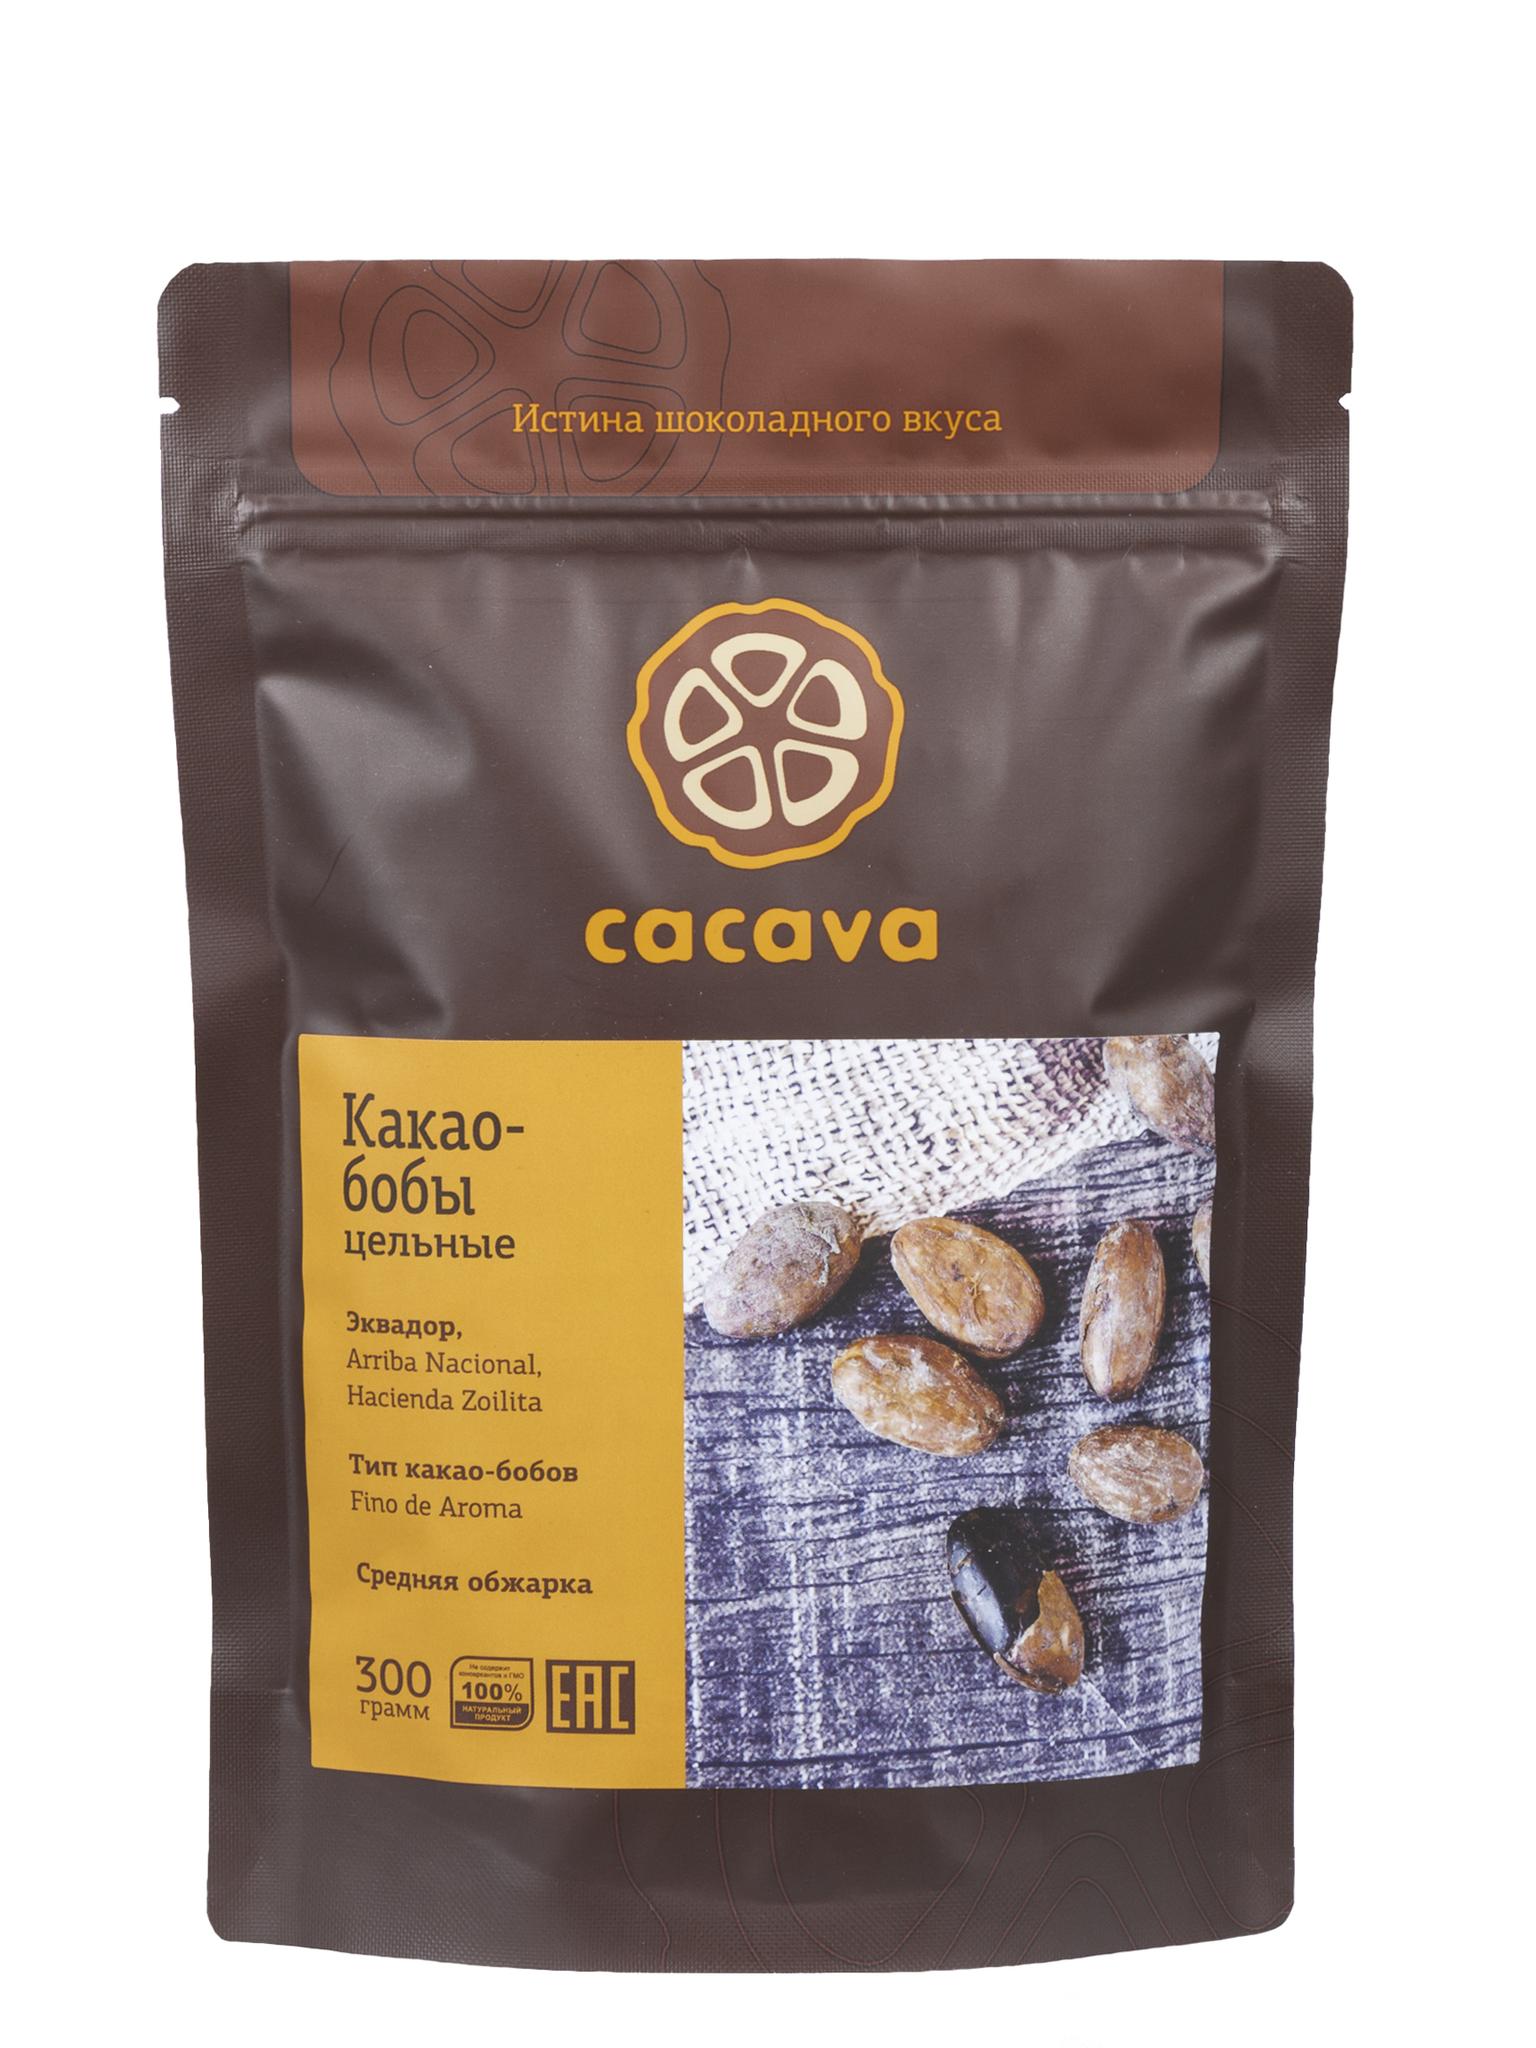 Какао-бобы цельные (Эквадор), упаковка 300 г